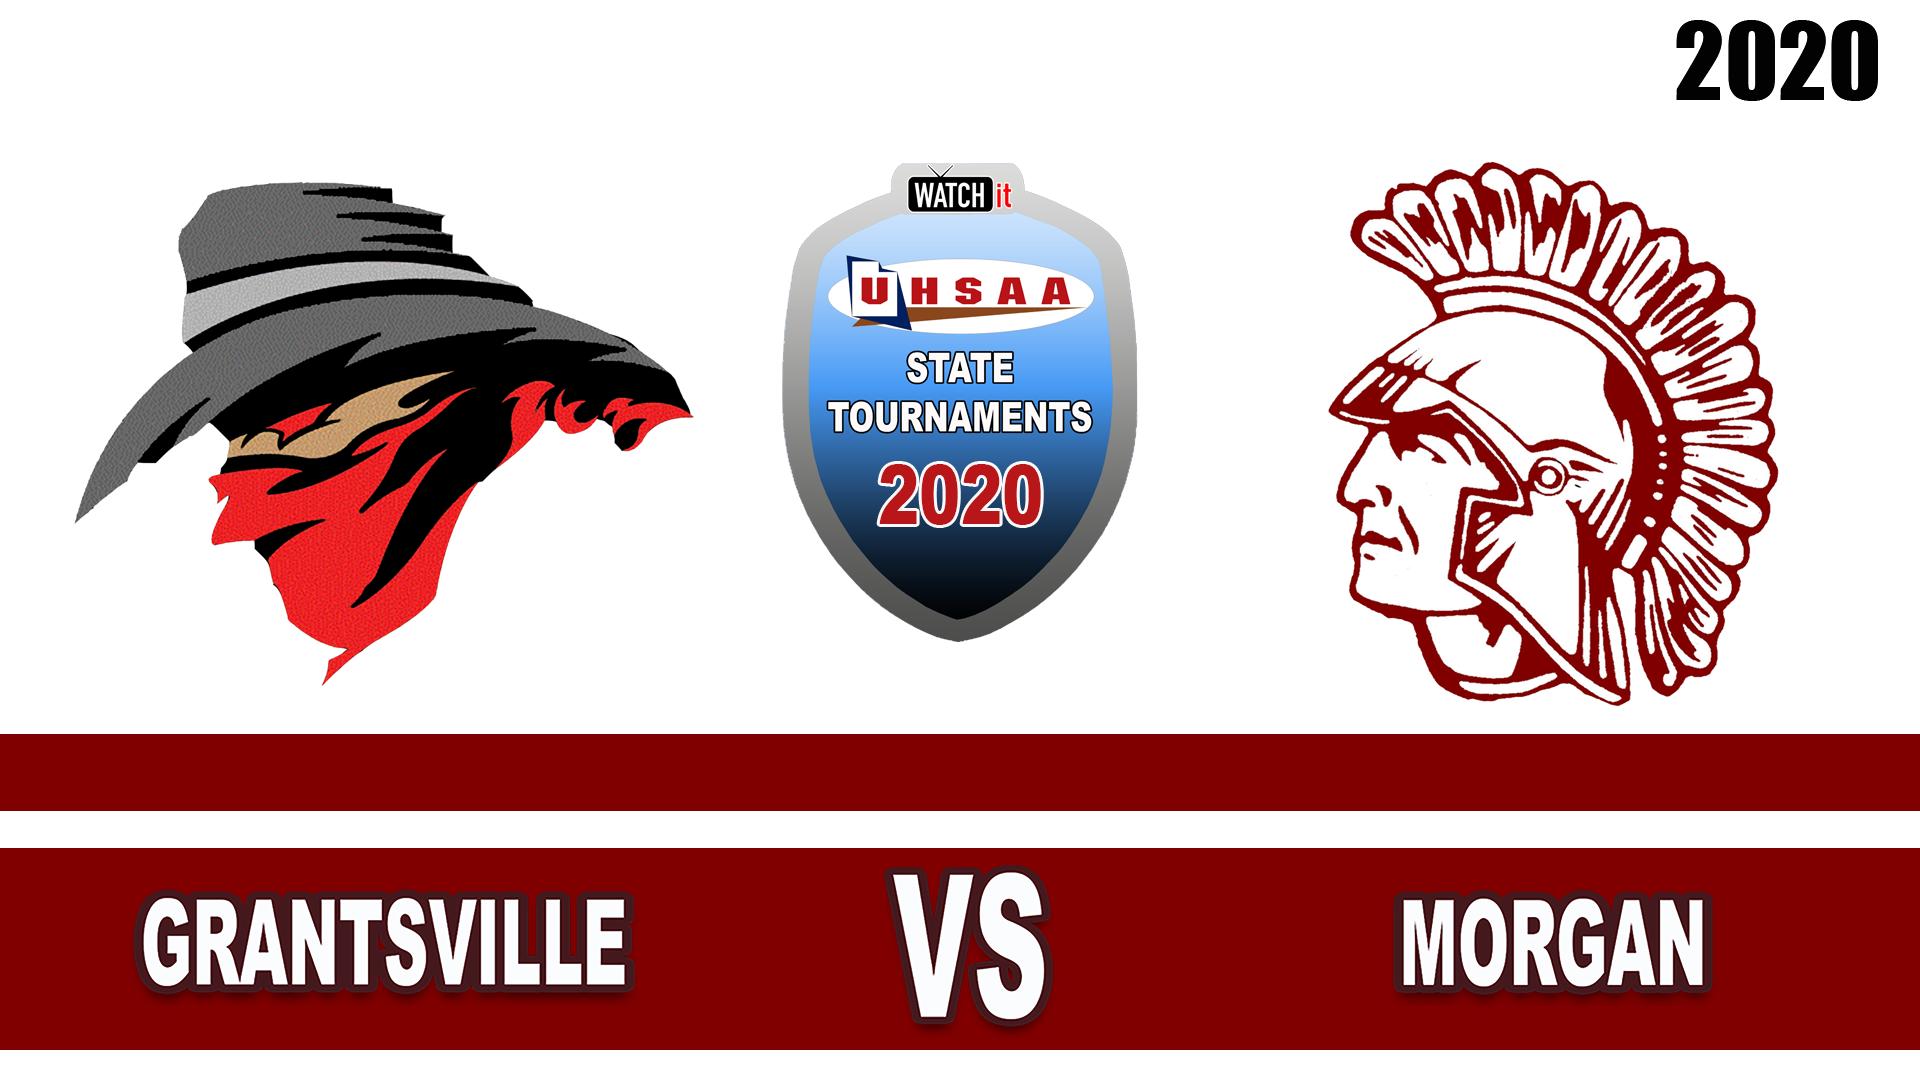 Grantsville vs Morgan